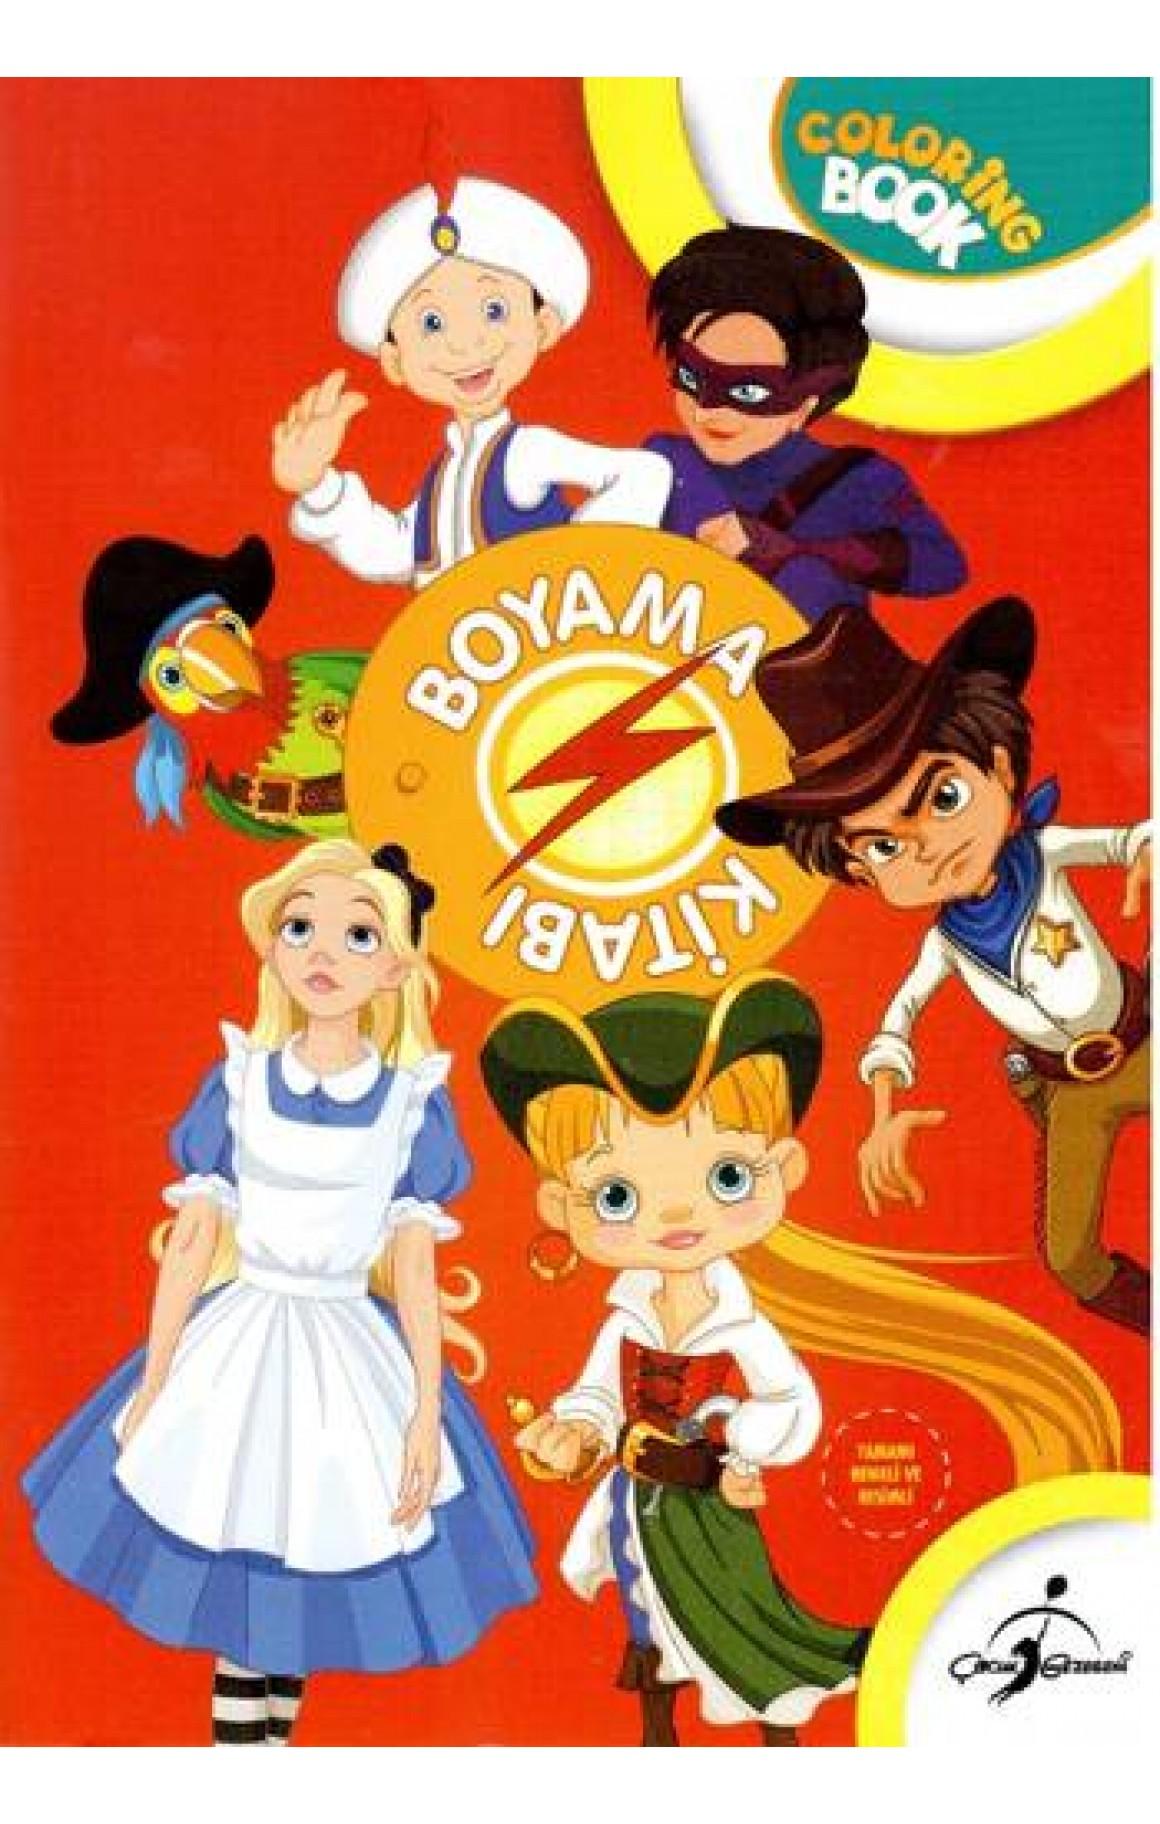 Boyama Kitabı Kırmızı Masal Kahramanları - Aktiviteli Boyama Serisi